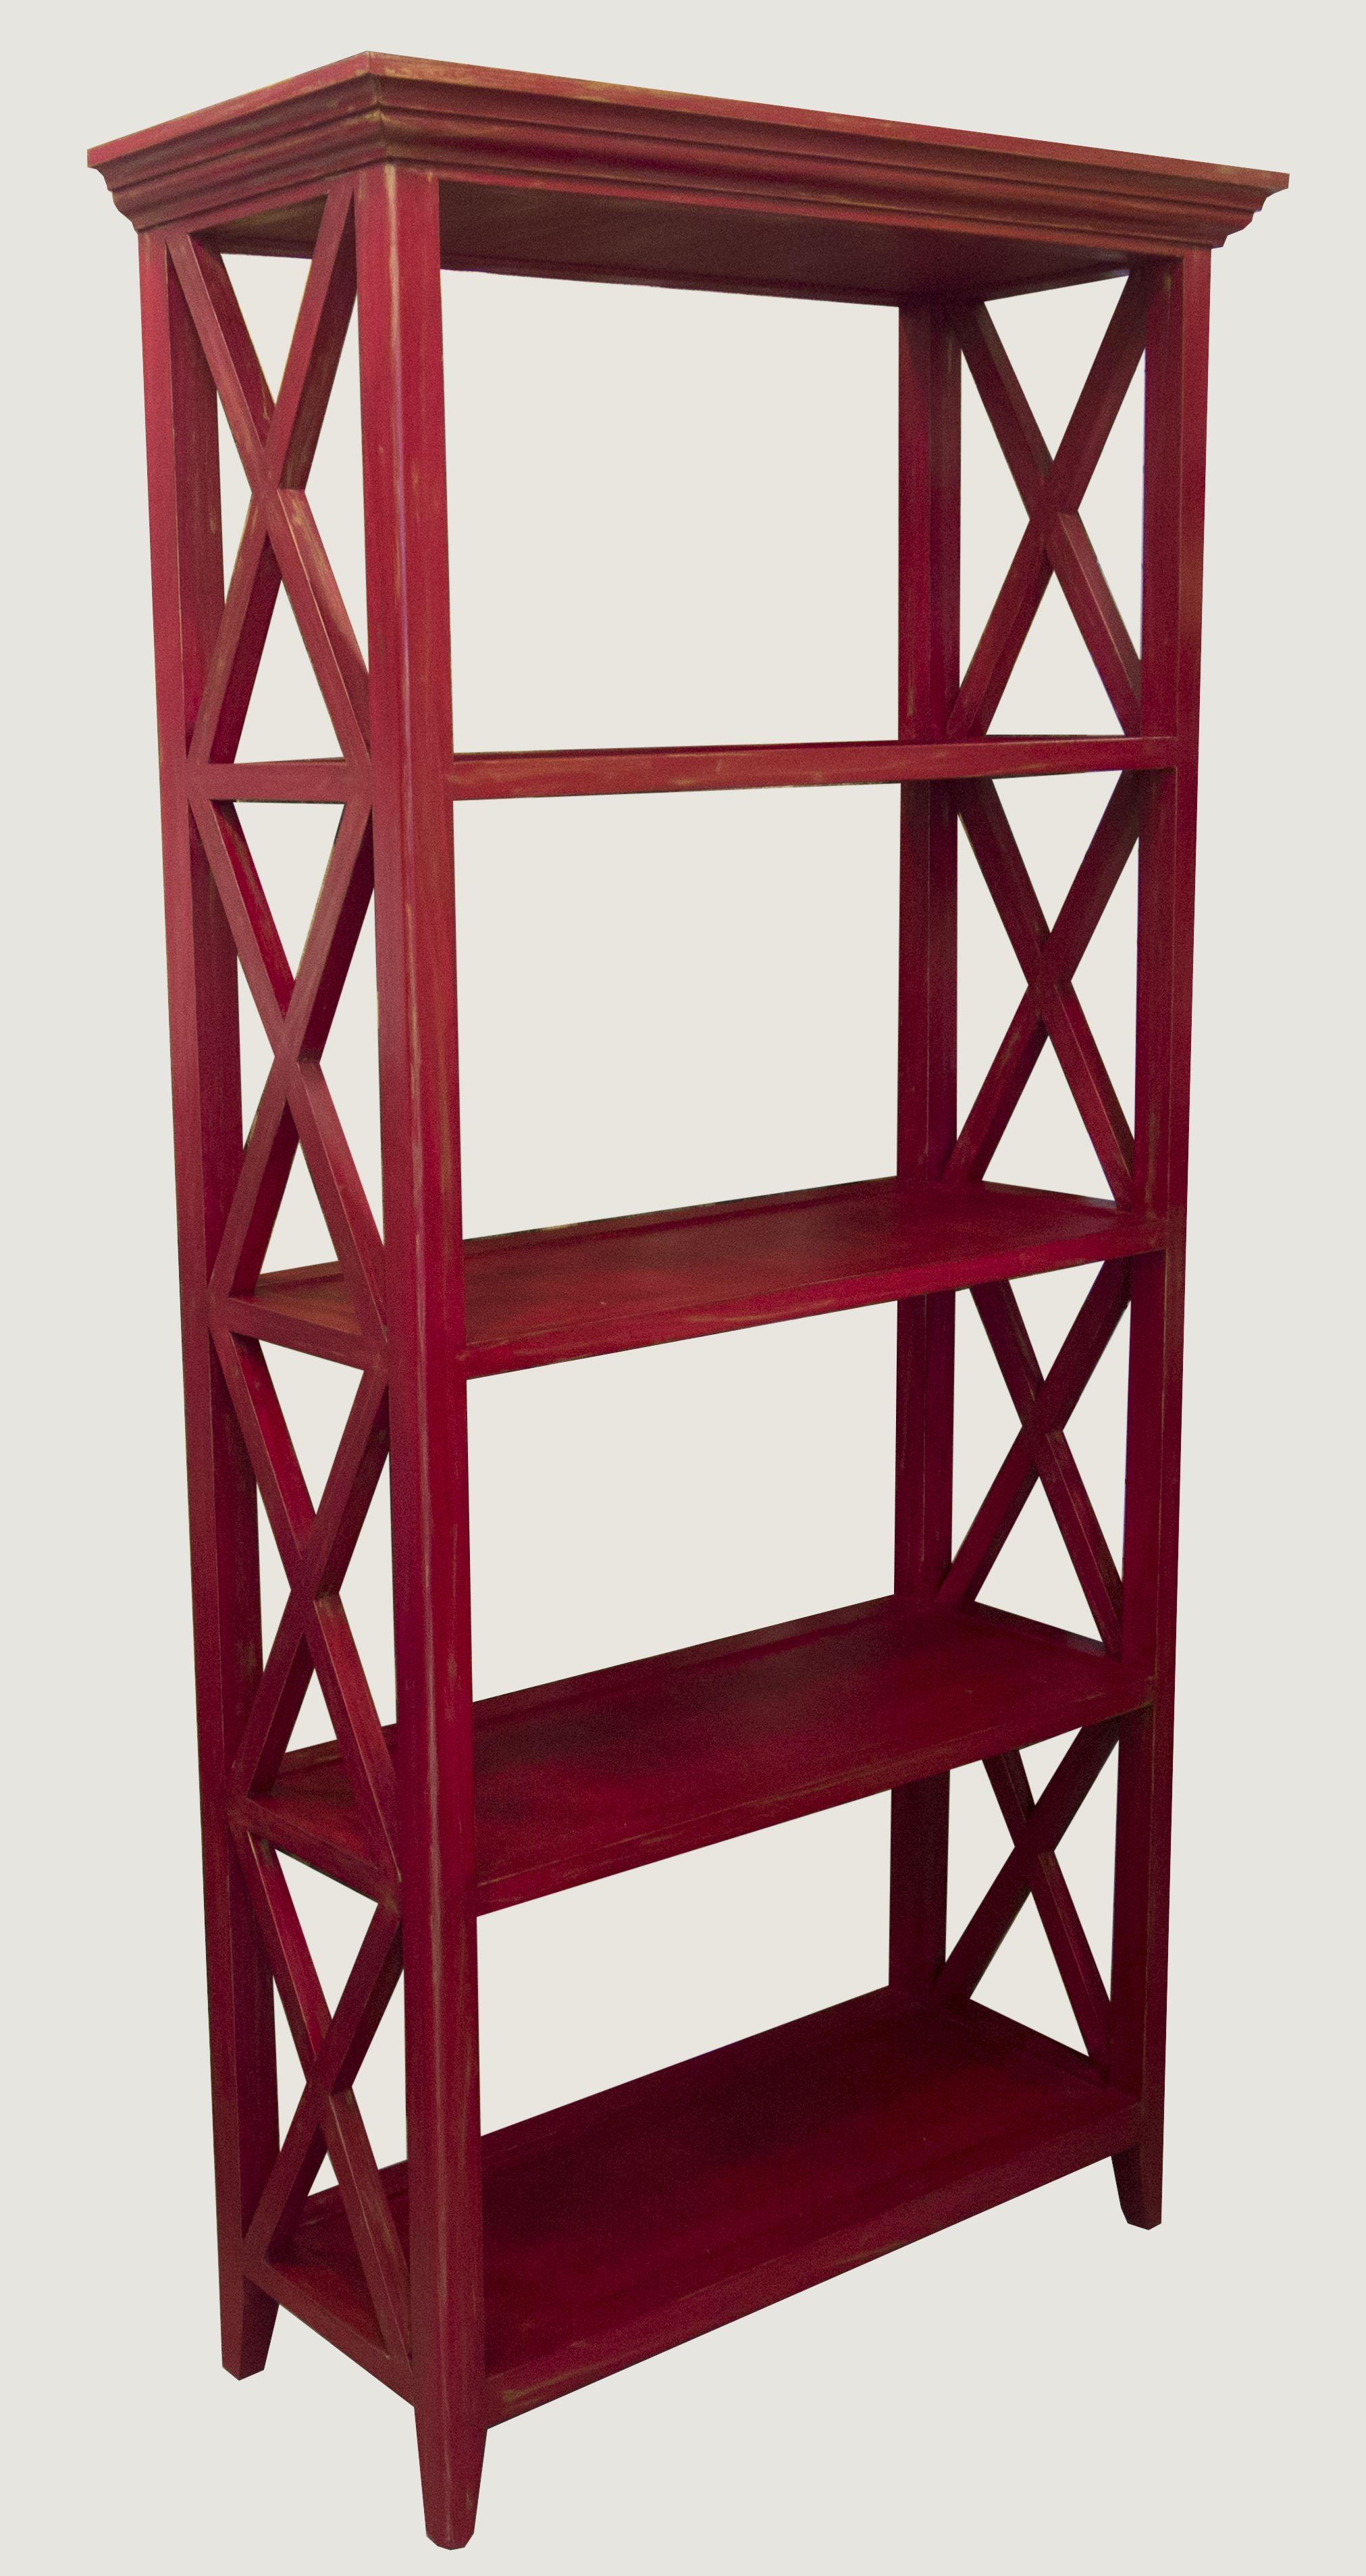 Mueble librero pintado a mano en color rojo vino burdeos - Muebles pintados en plata ...